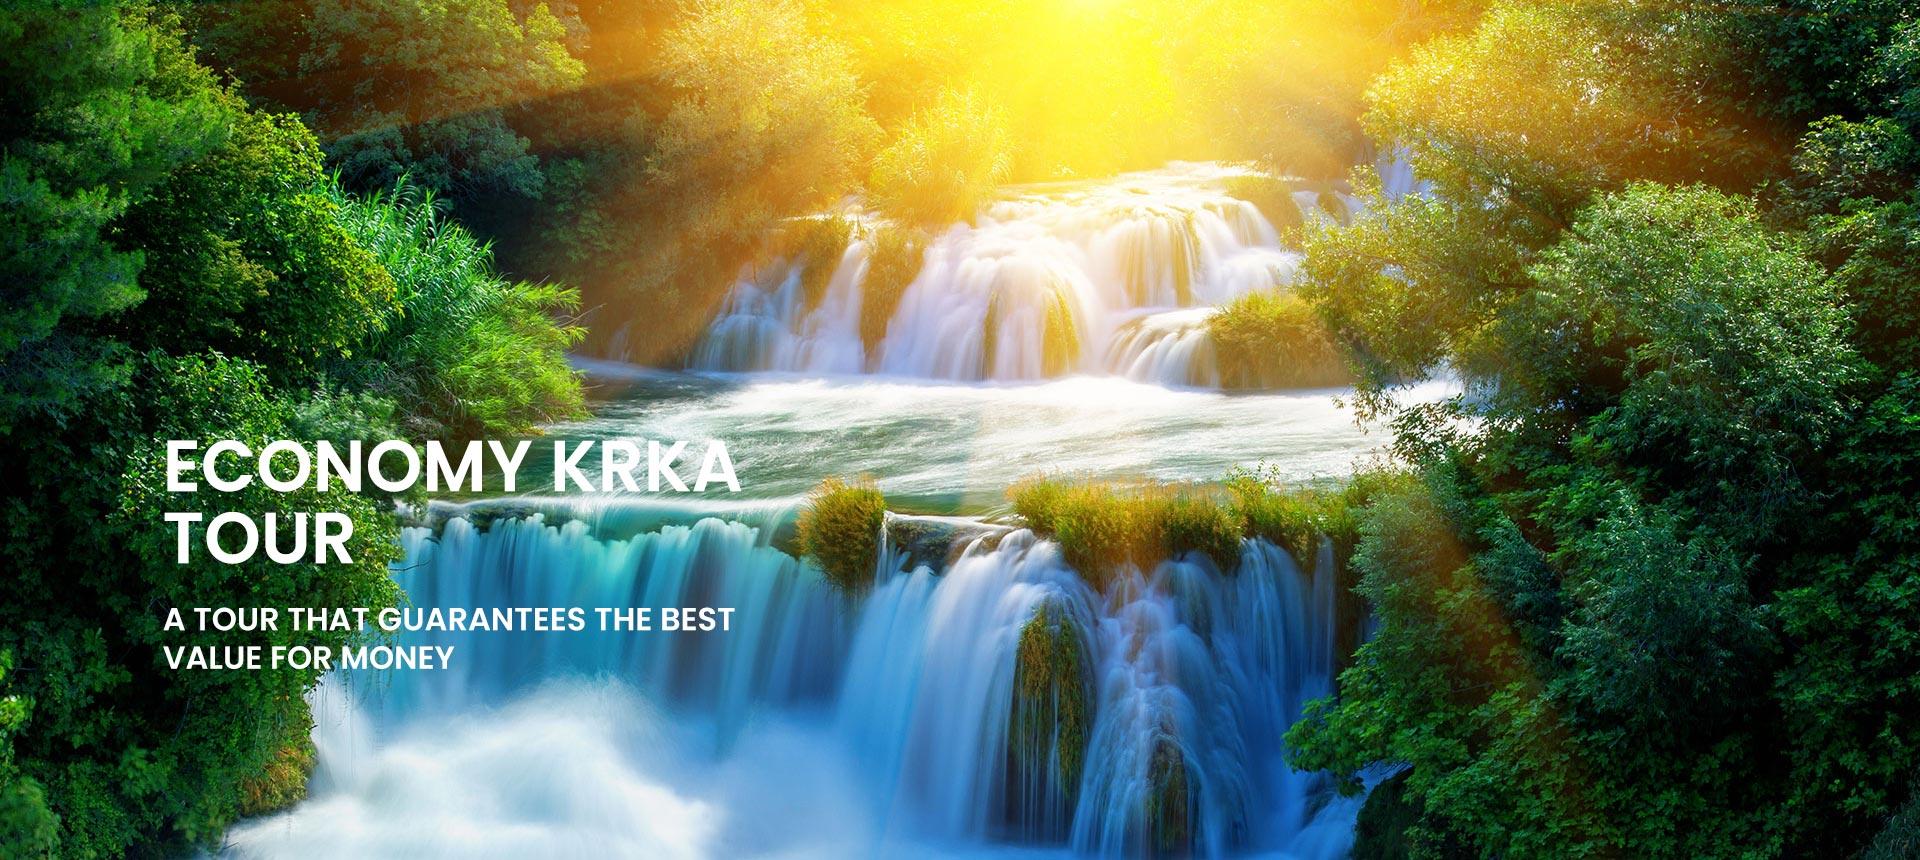 Economy tour to Krka waterfalls